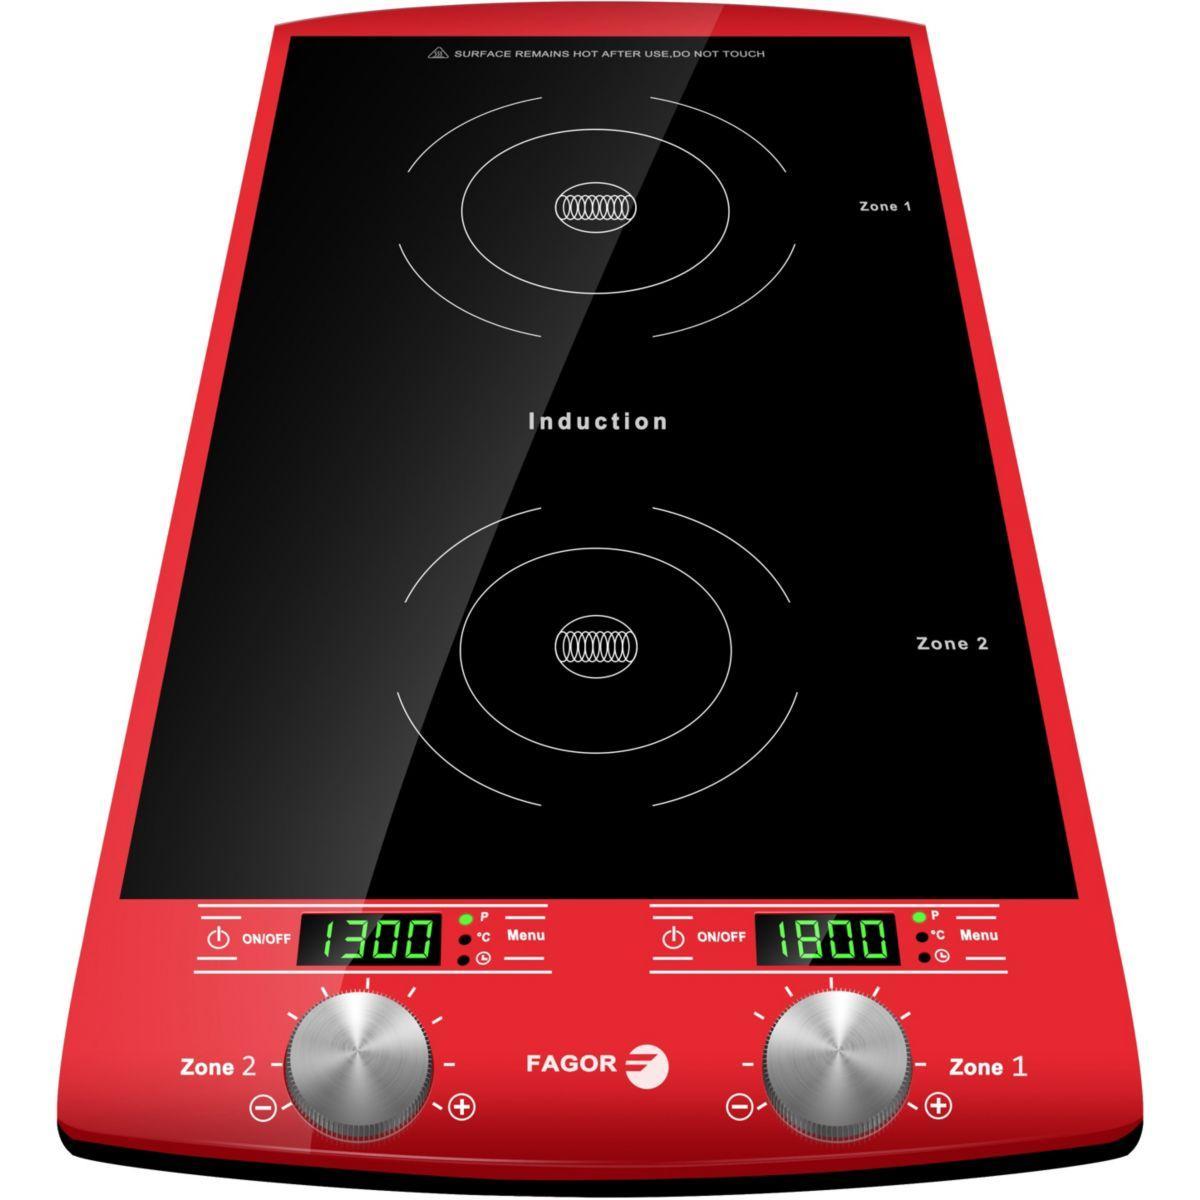 Plaque induction fagor double foyer rouge 1750 - 15% de remise imm�diate avec le code : fete15 (photo)